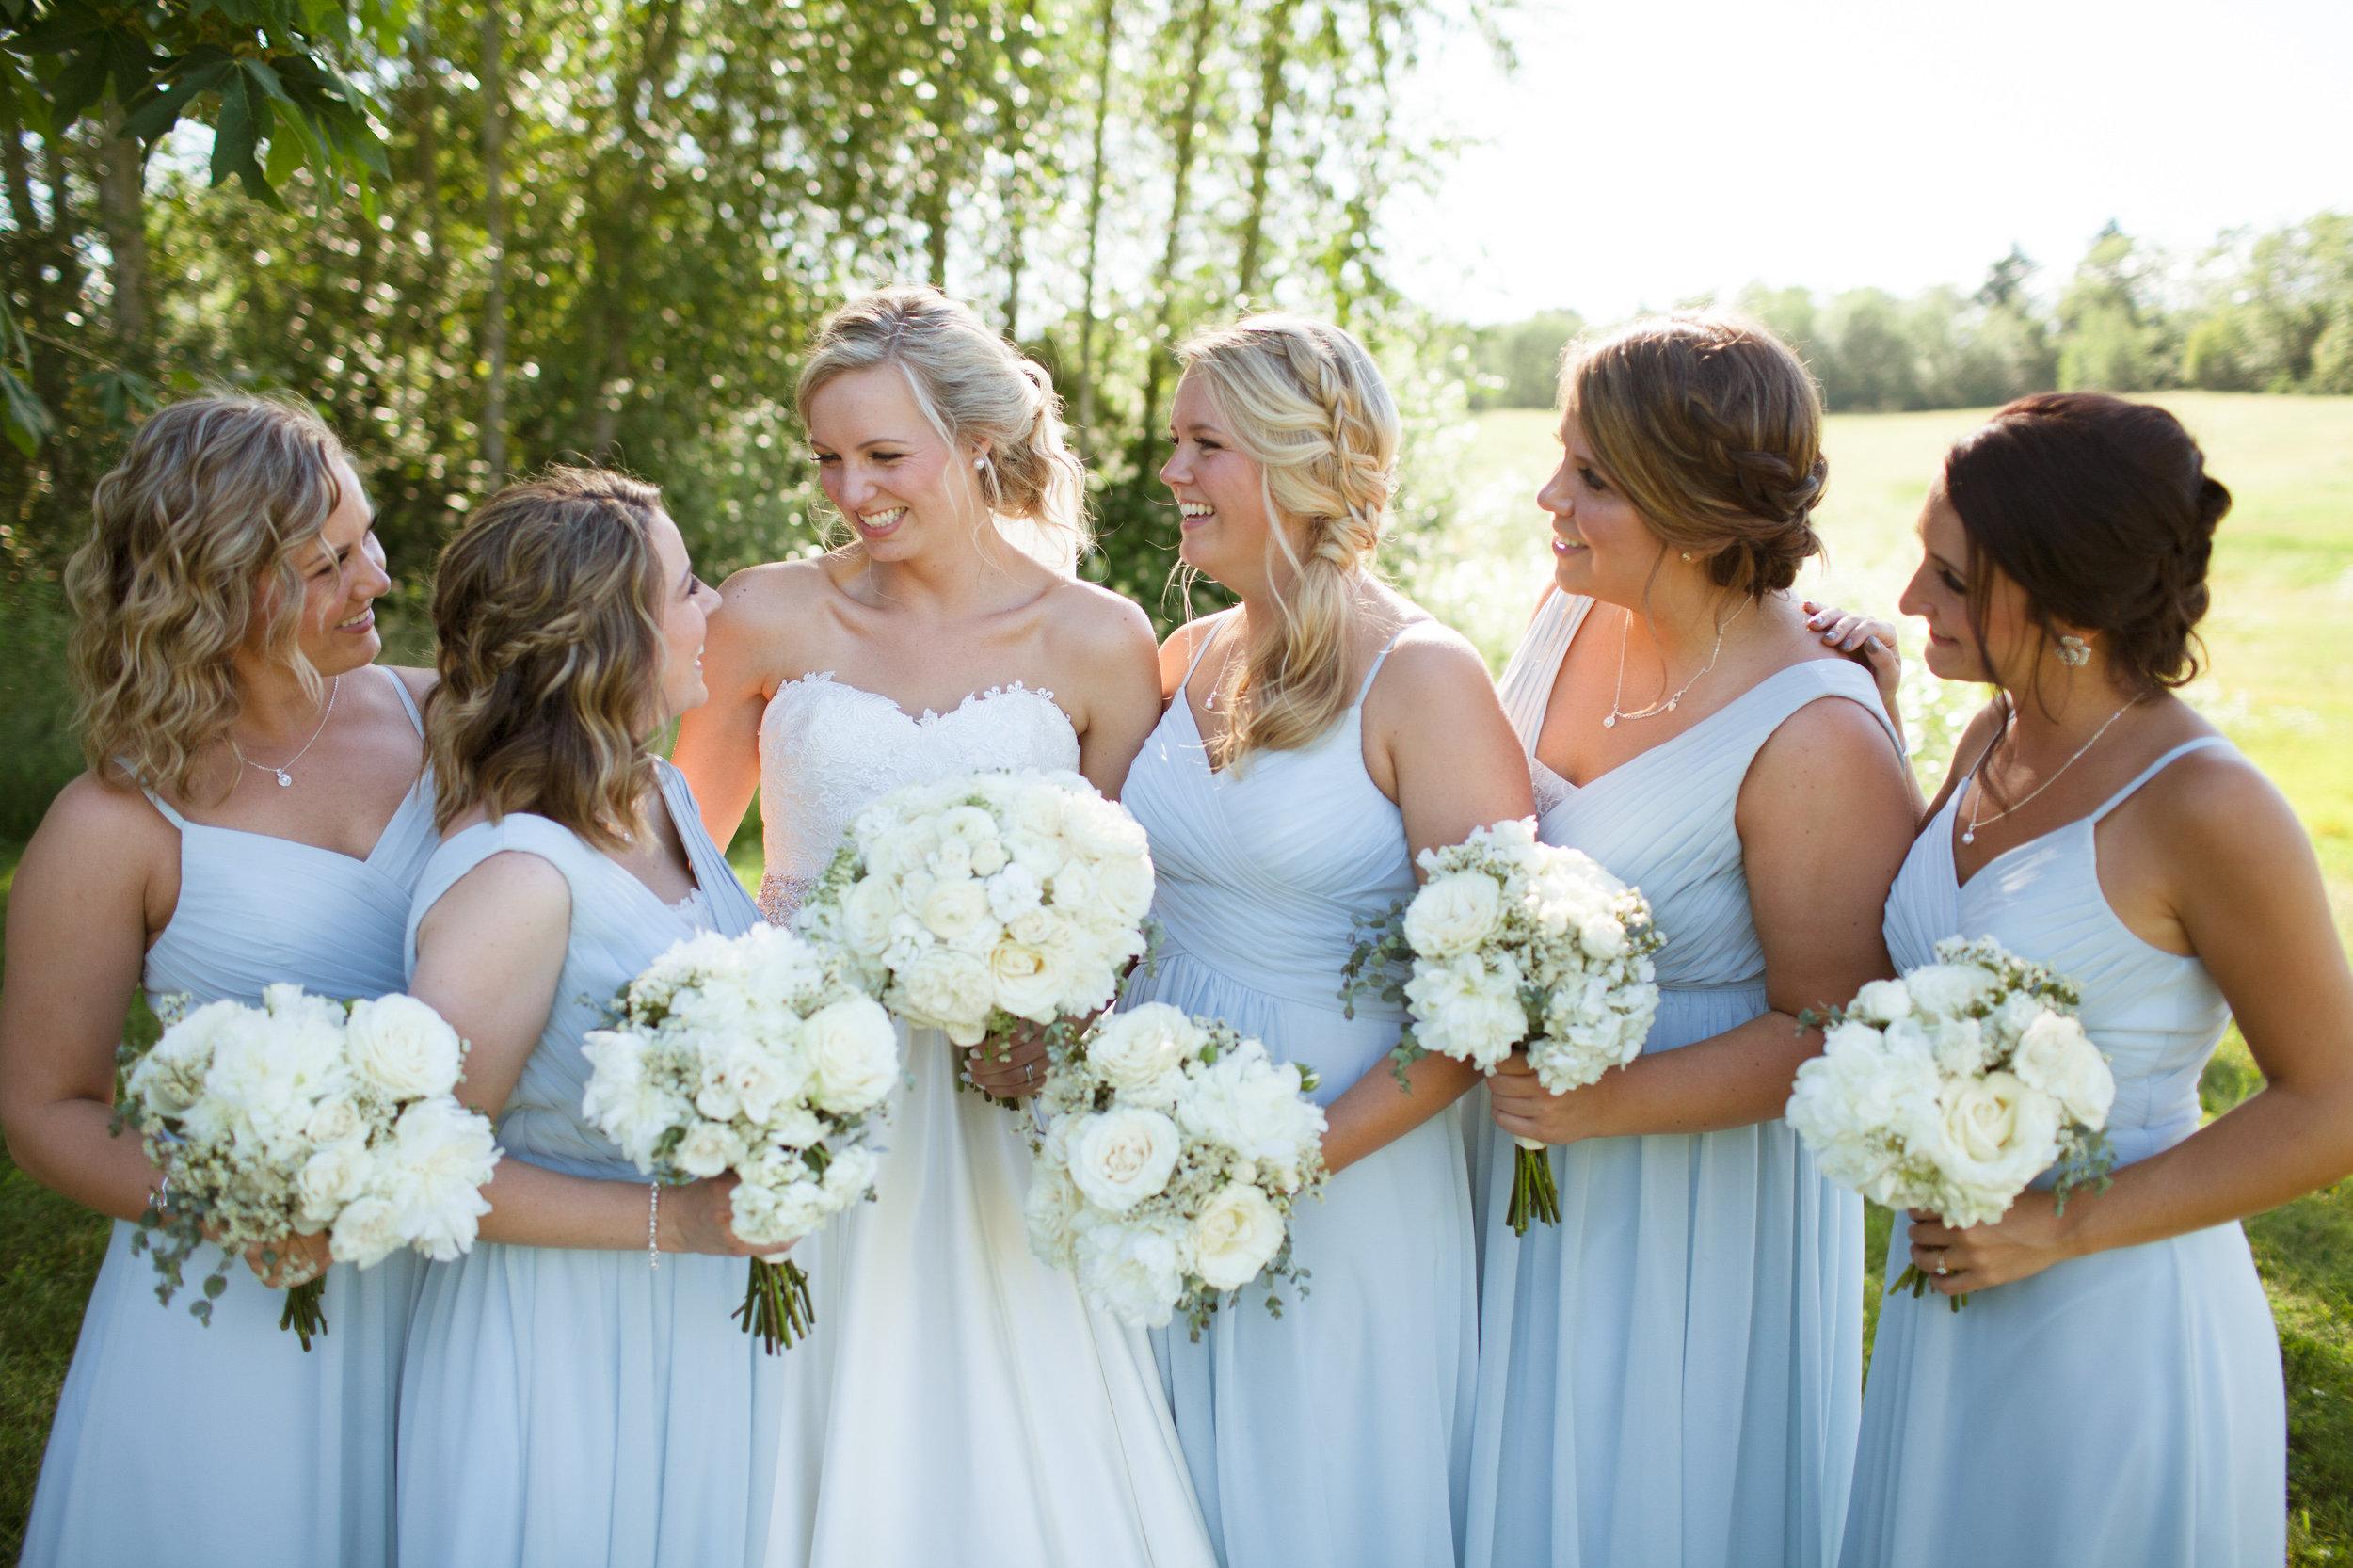 RyanMichelle-wedding-MarkBurnham-448.jpg